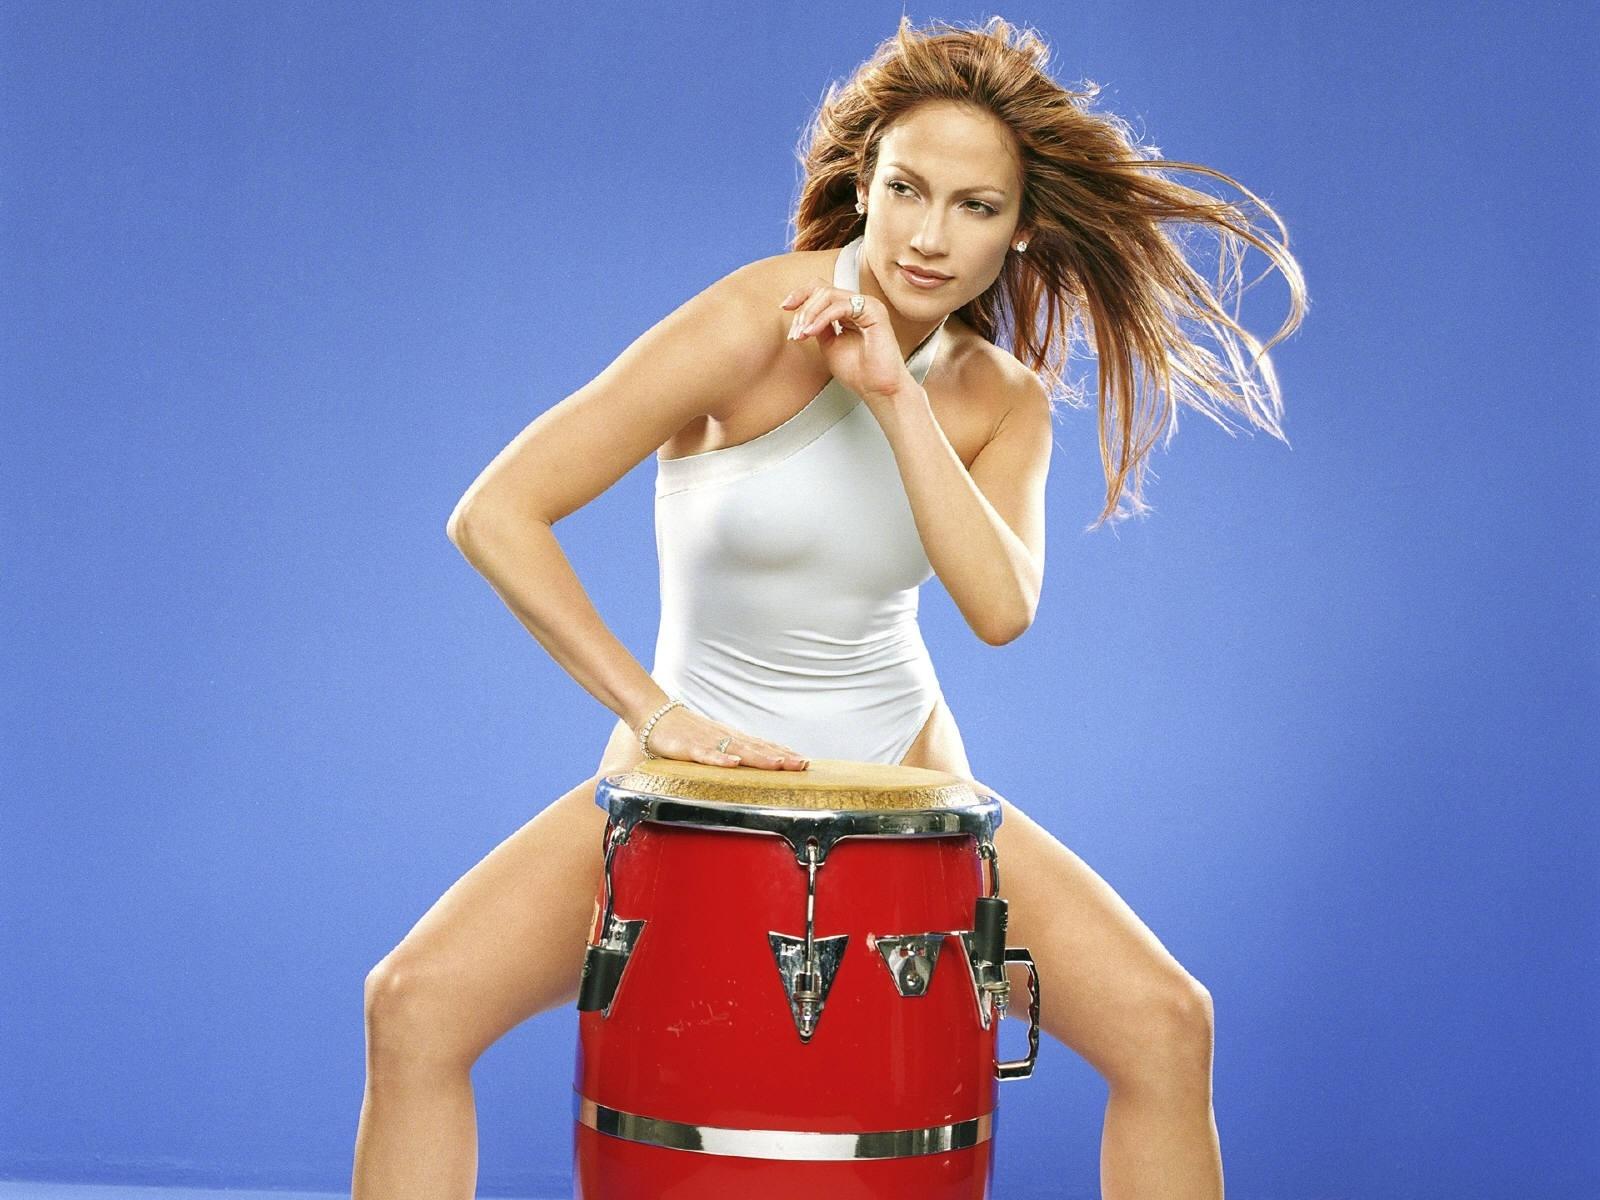 Wallpaper - ritmo e sensualità per Jennifer Lopez